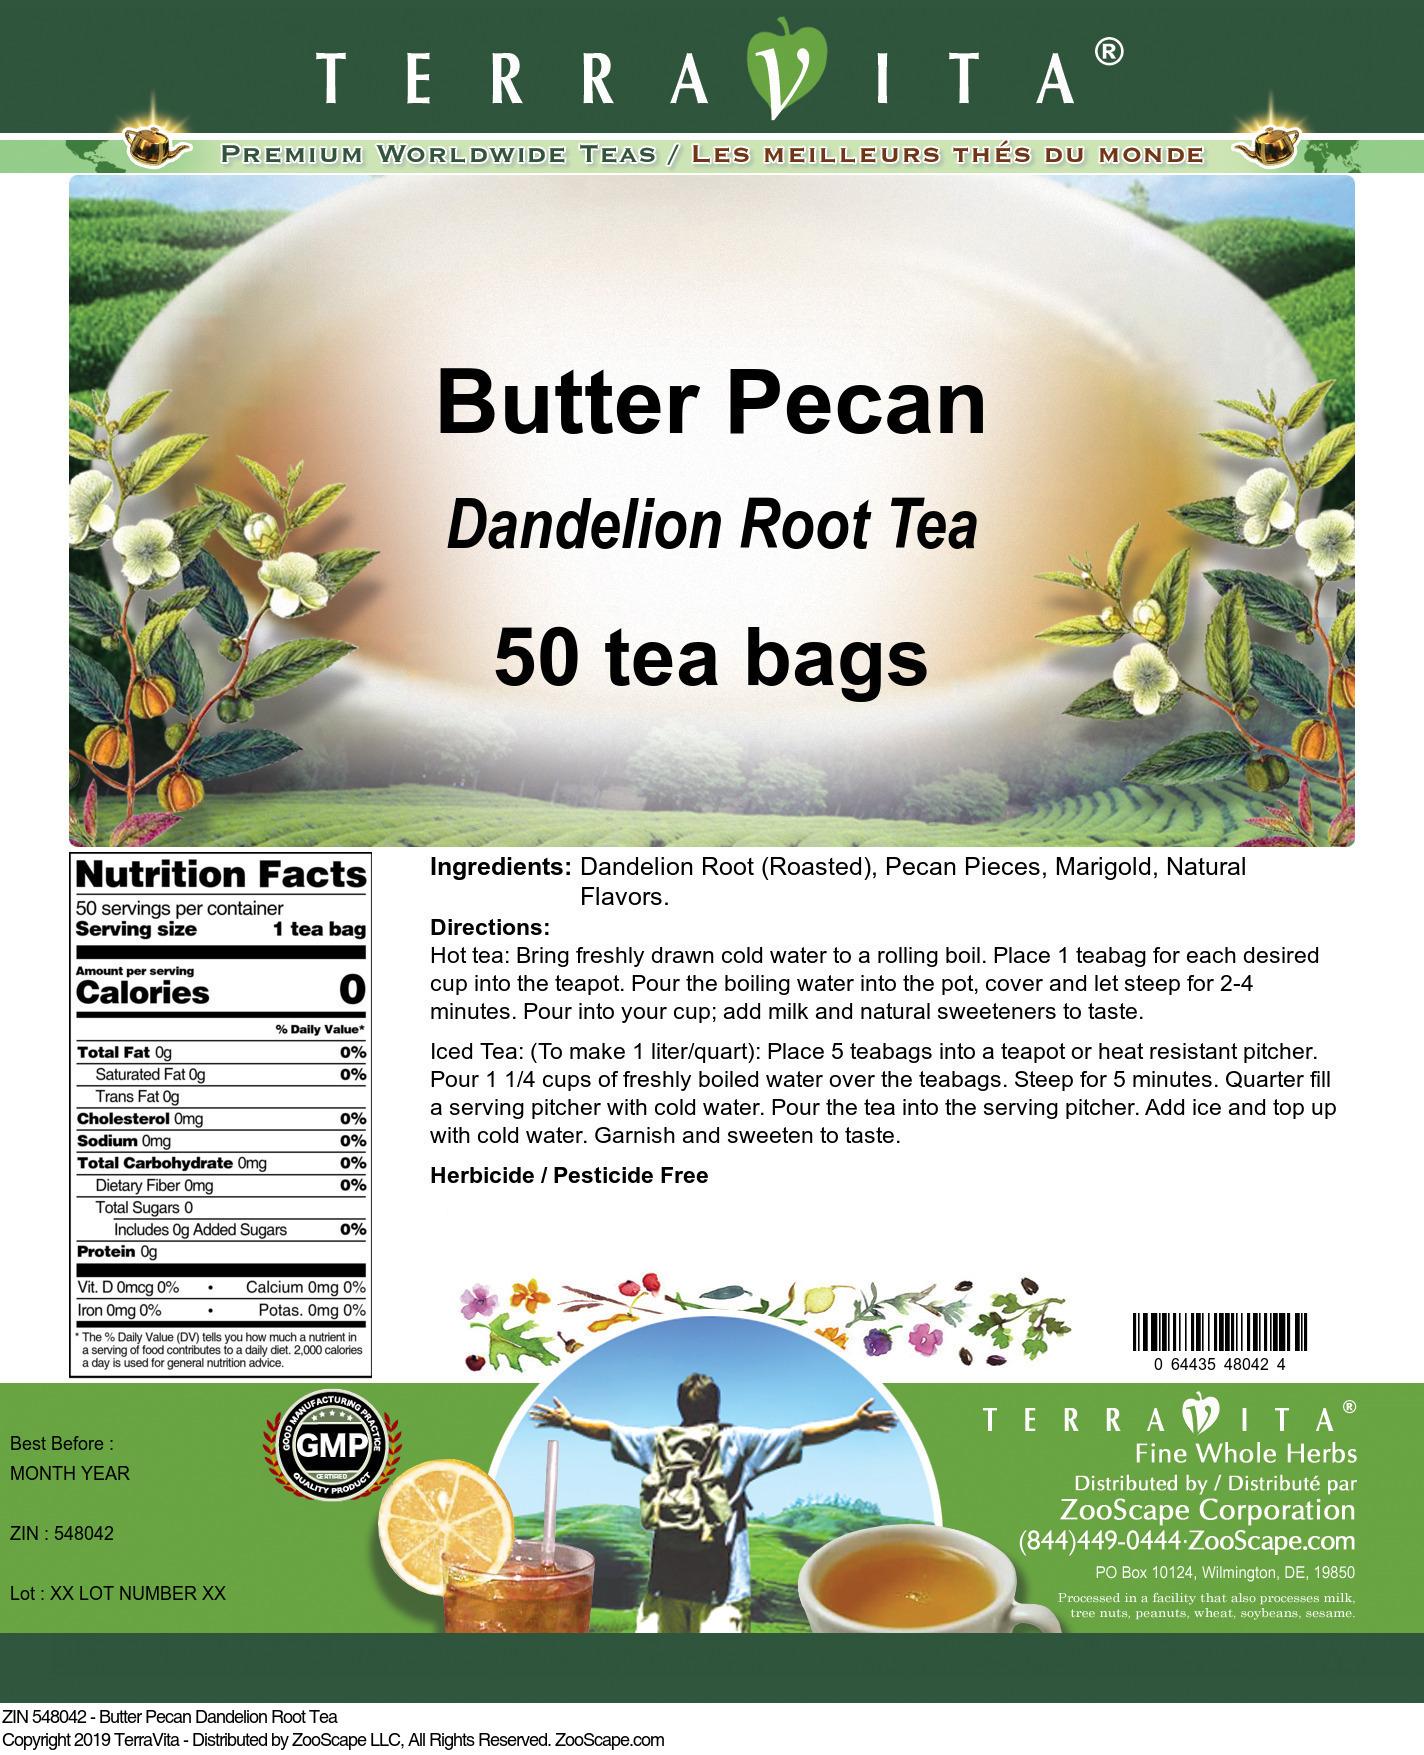 Butter Pecan Dandelion Root Tea